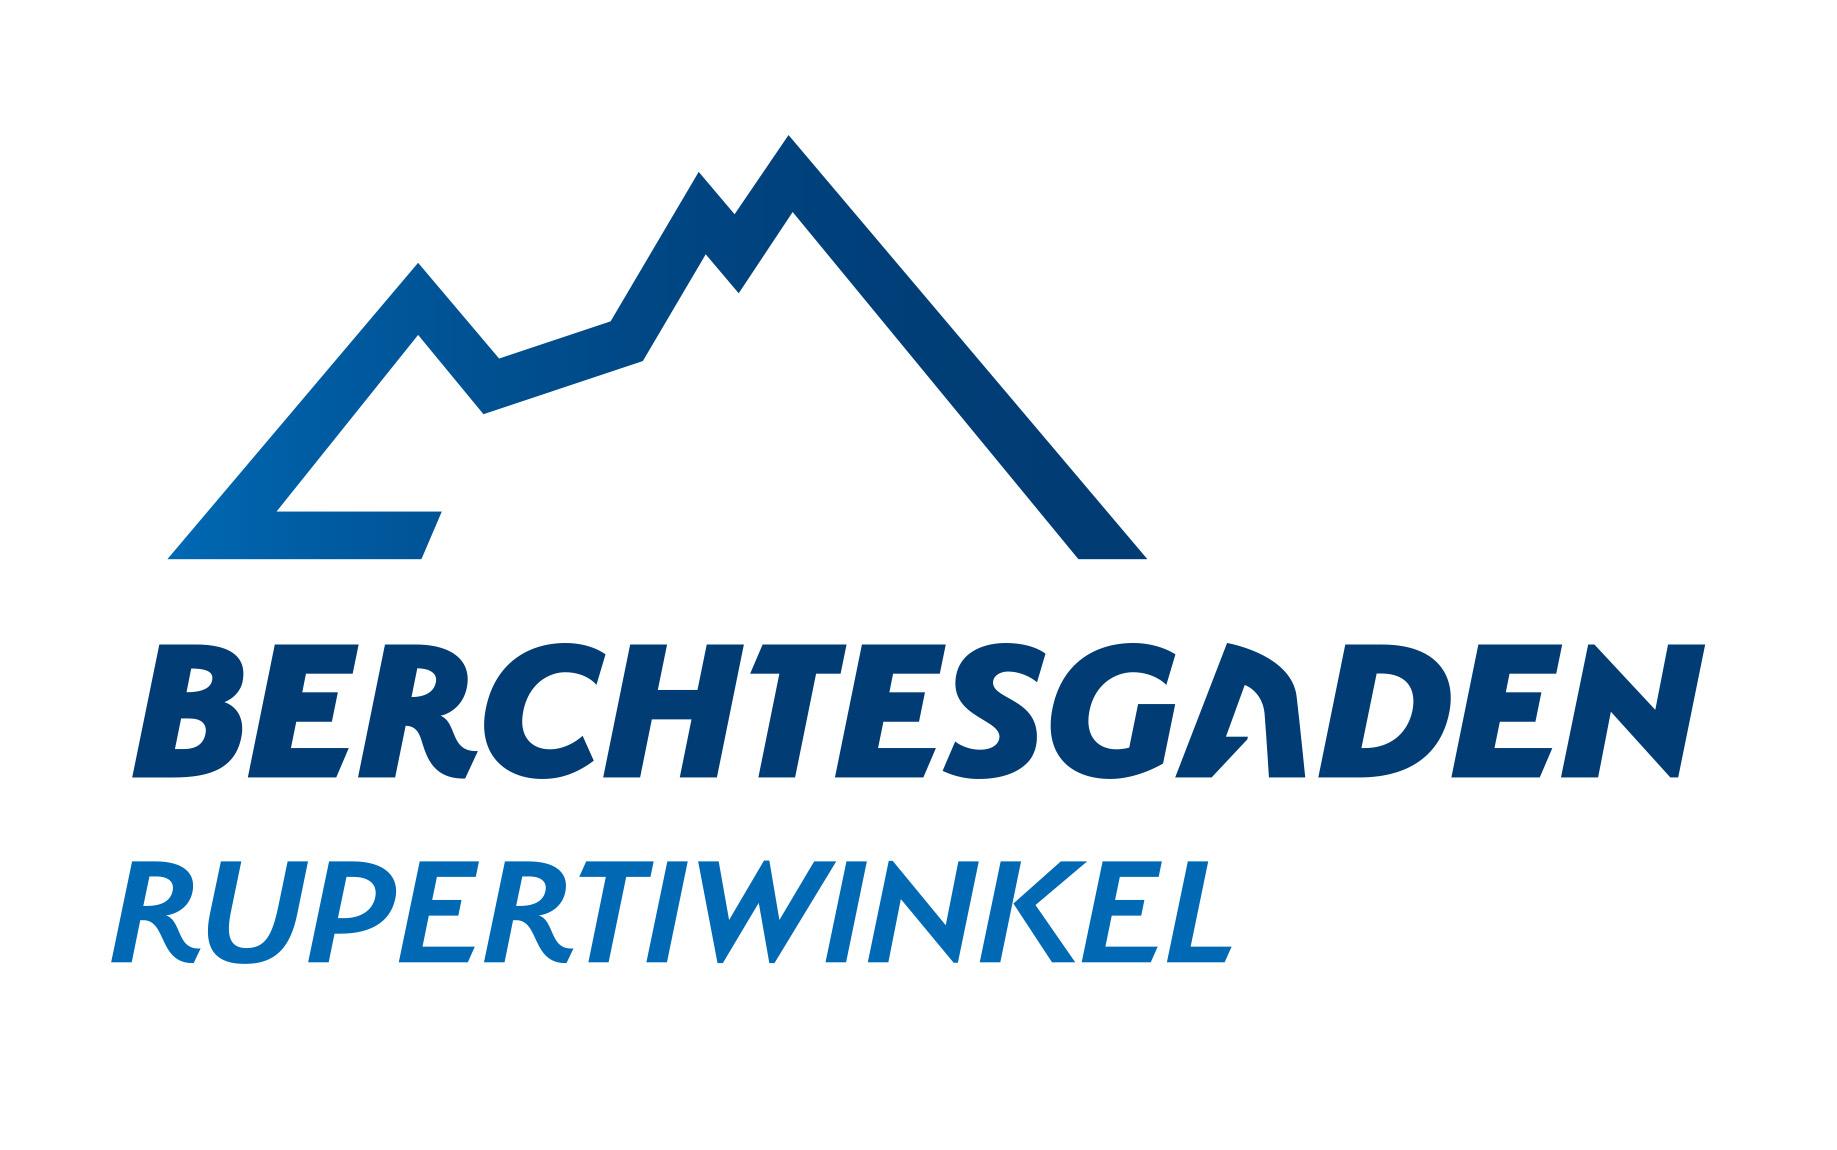 Logo Berchtesgaden Rupertiwinkel Rgb